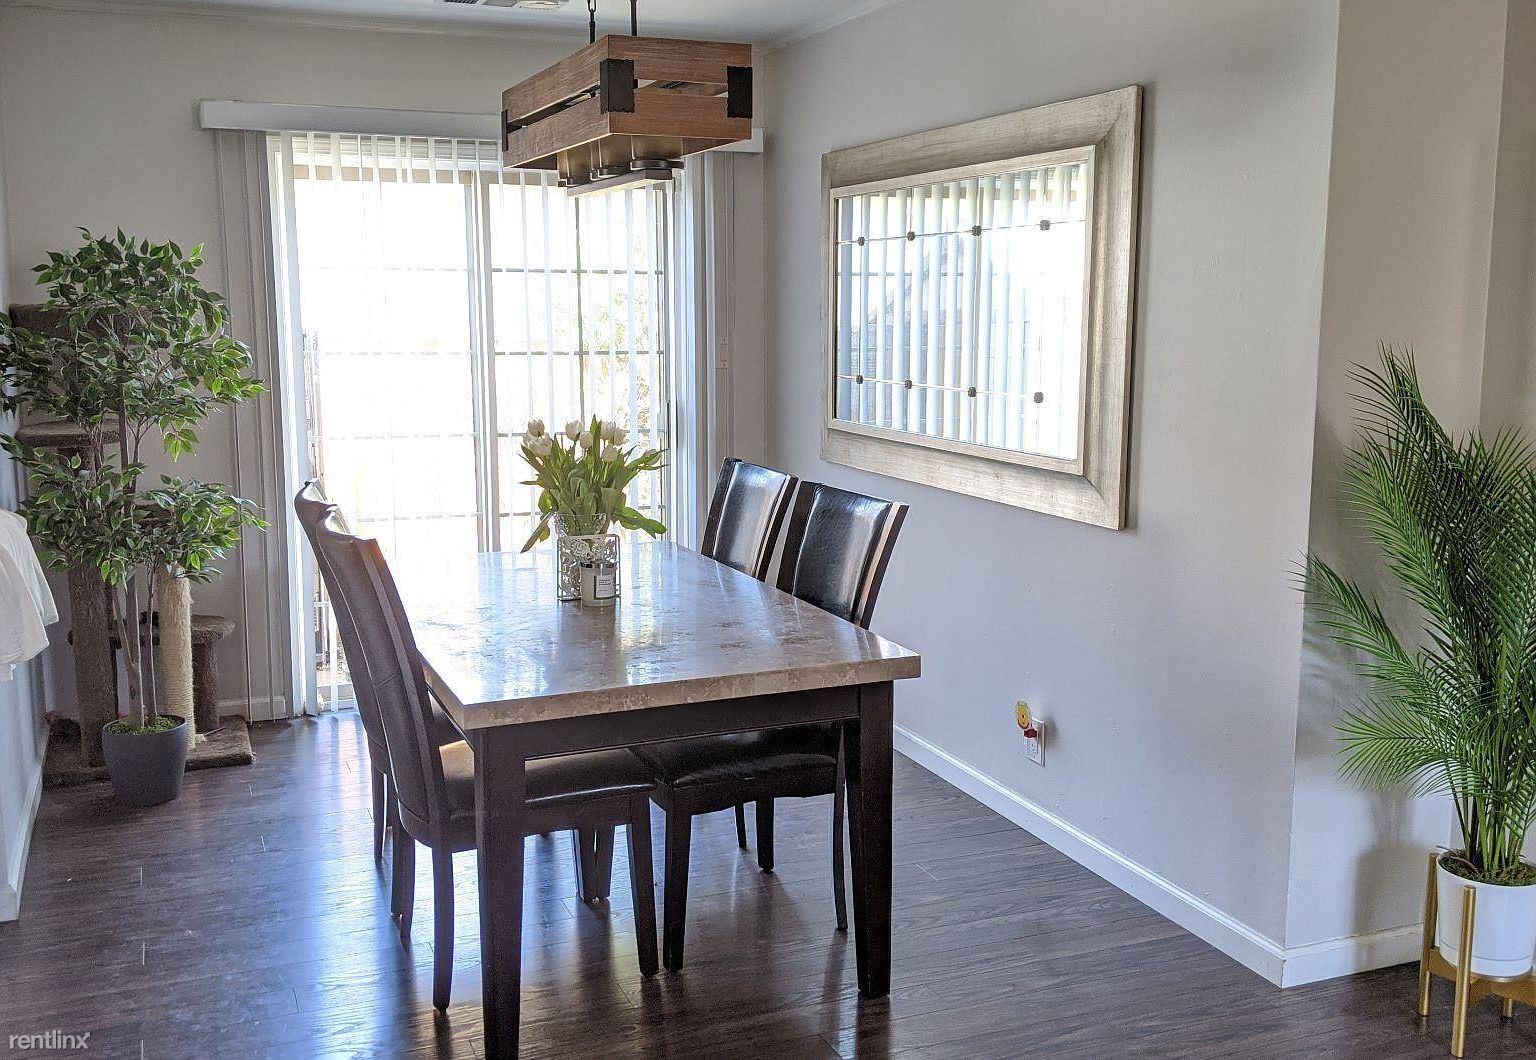 2266 Pulgas Ave, East Palo Alto, CA - $4,600